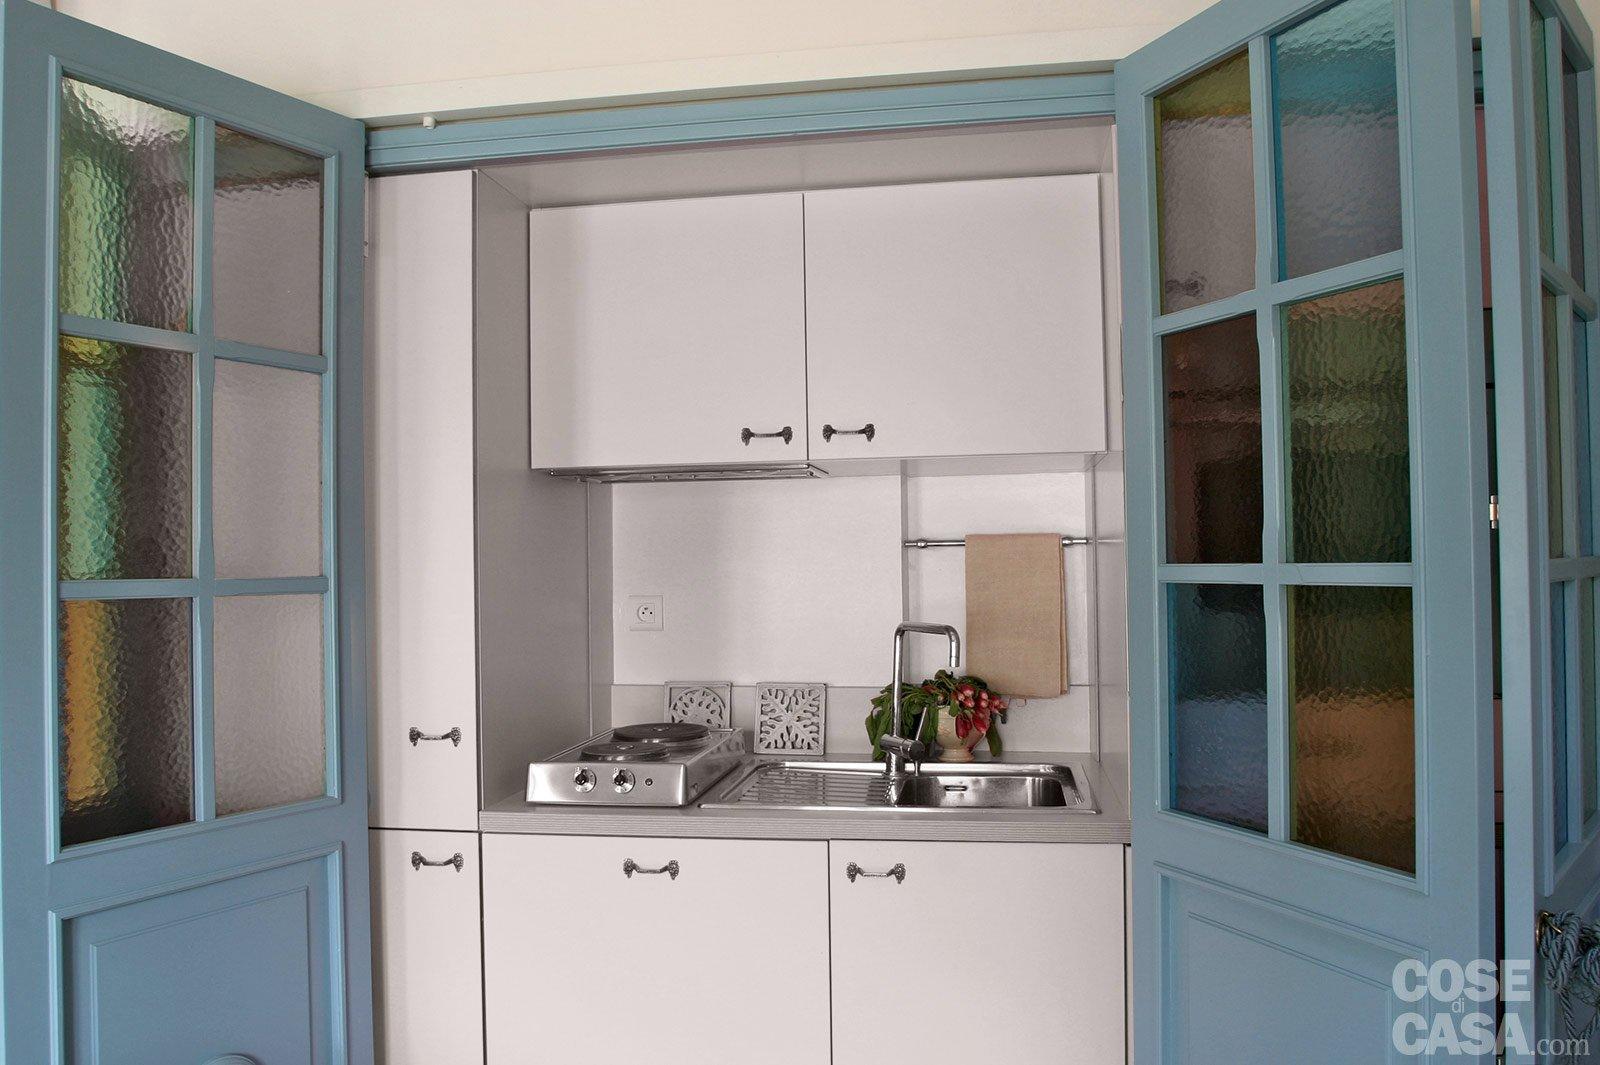 60 Mq: Una Casa In Tonalità Pastello Cose Di Casa #5C493B 1600 1065 Come Fare Carrello Da Cucina